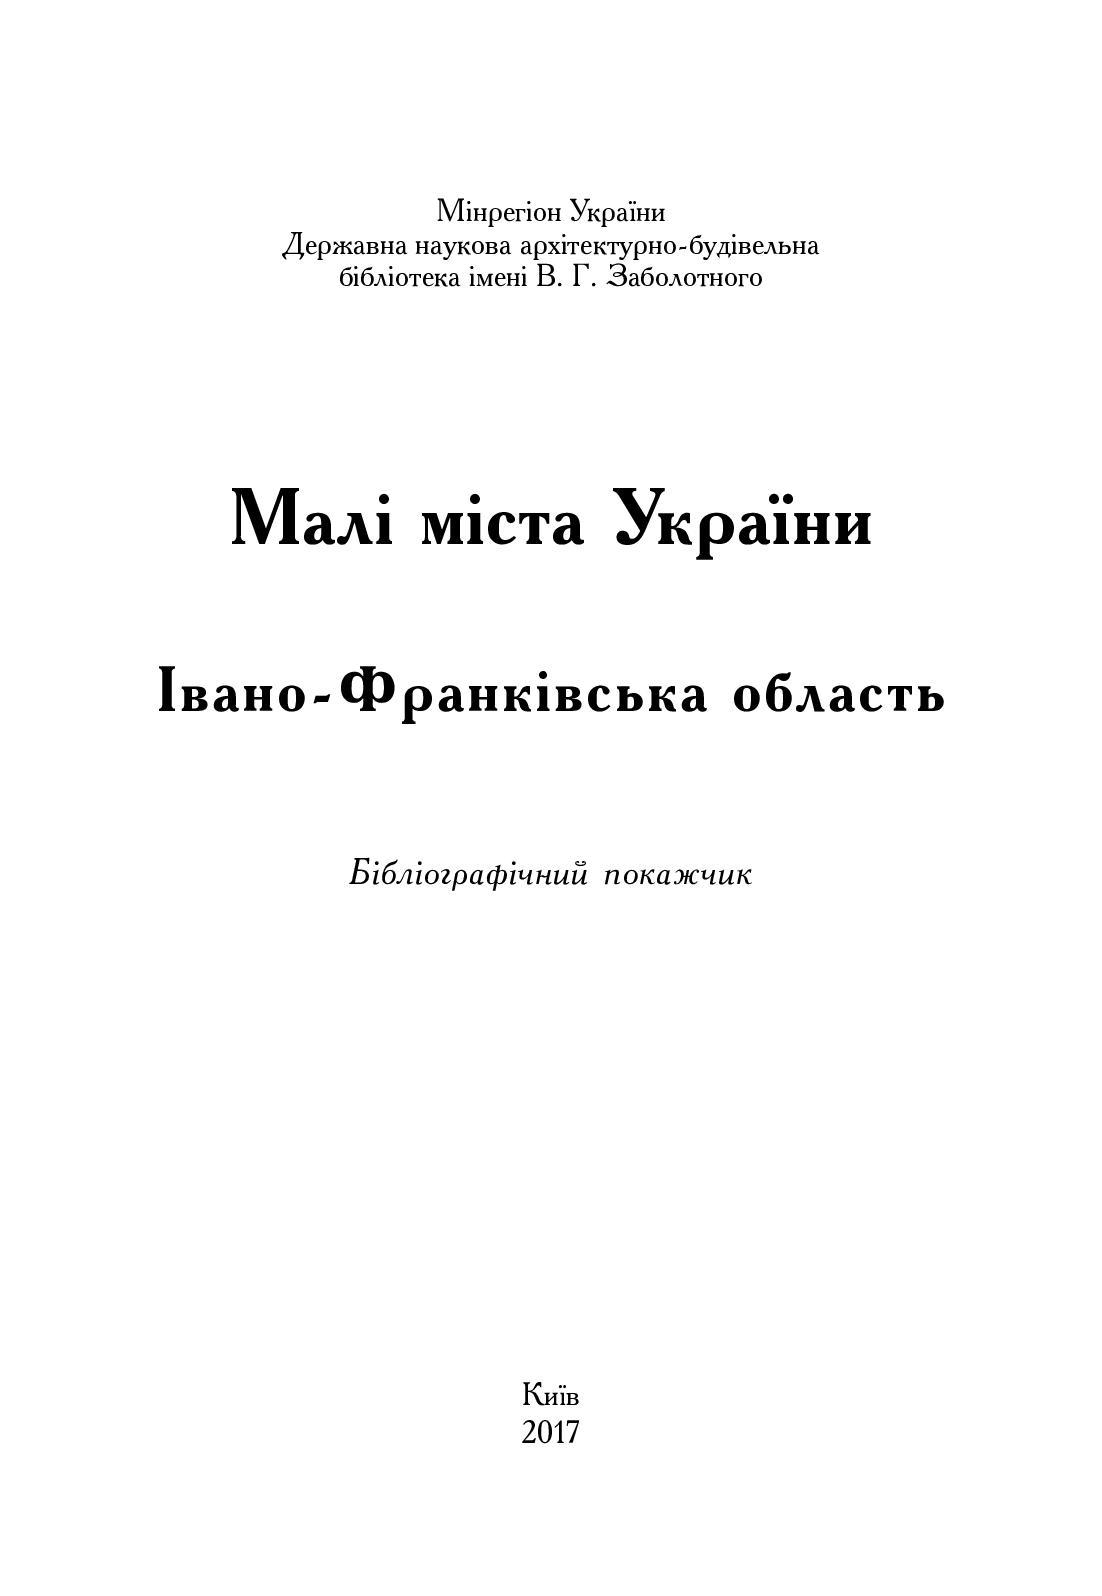 Івано Франківська область 06 06 2017